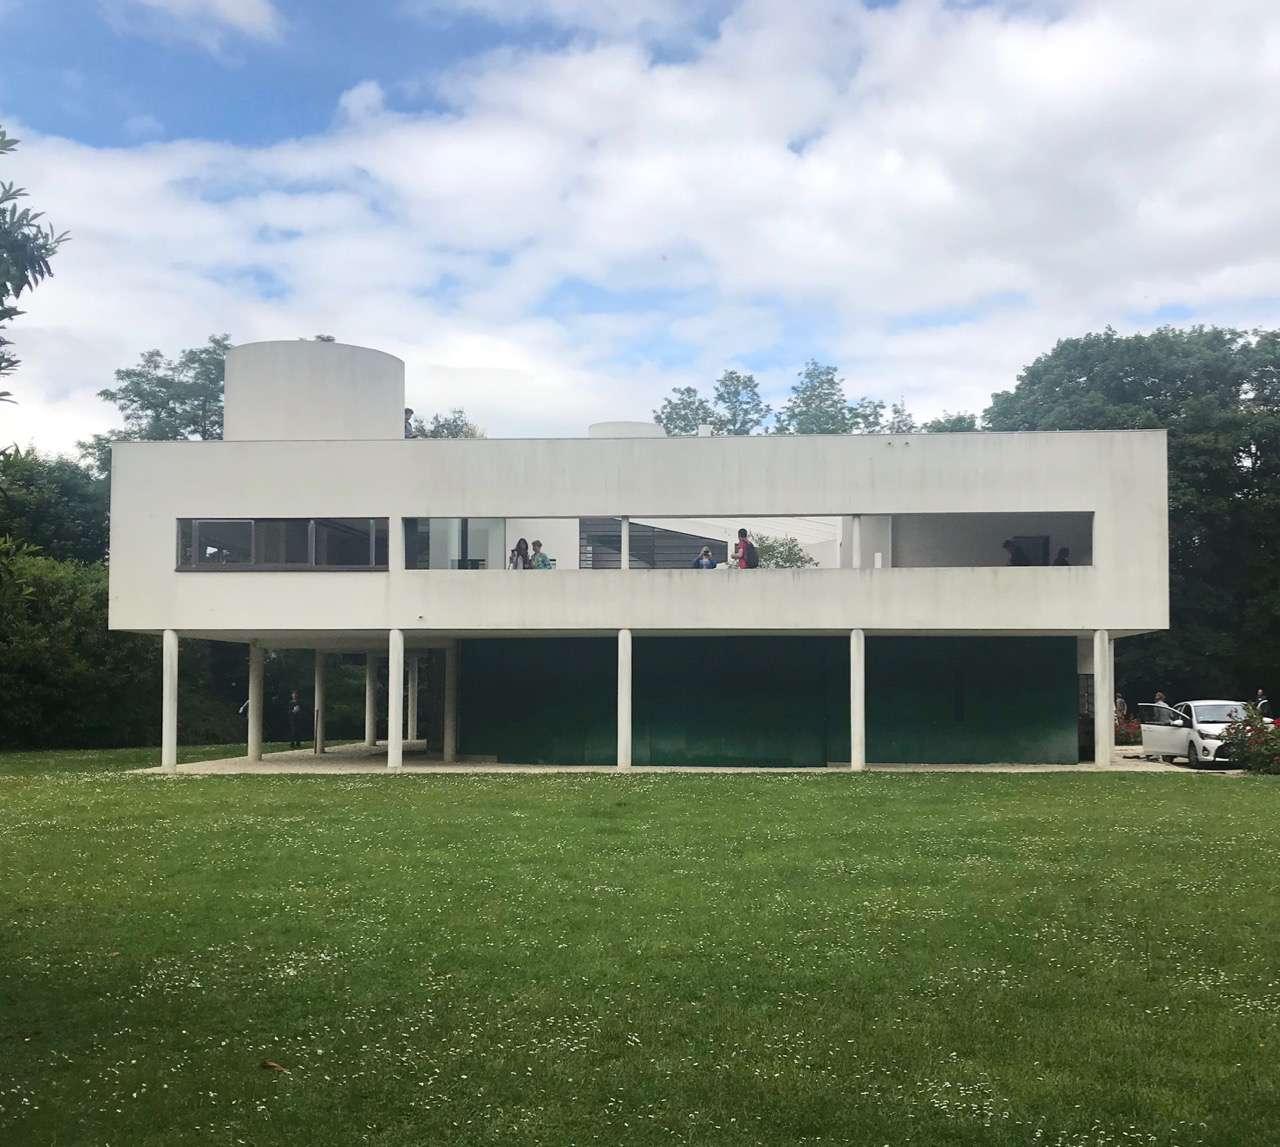 Villa Savoye on piloti